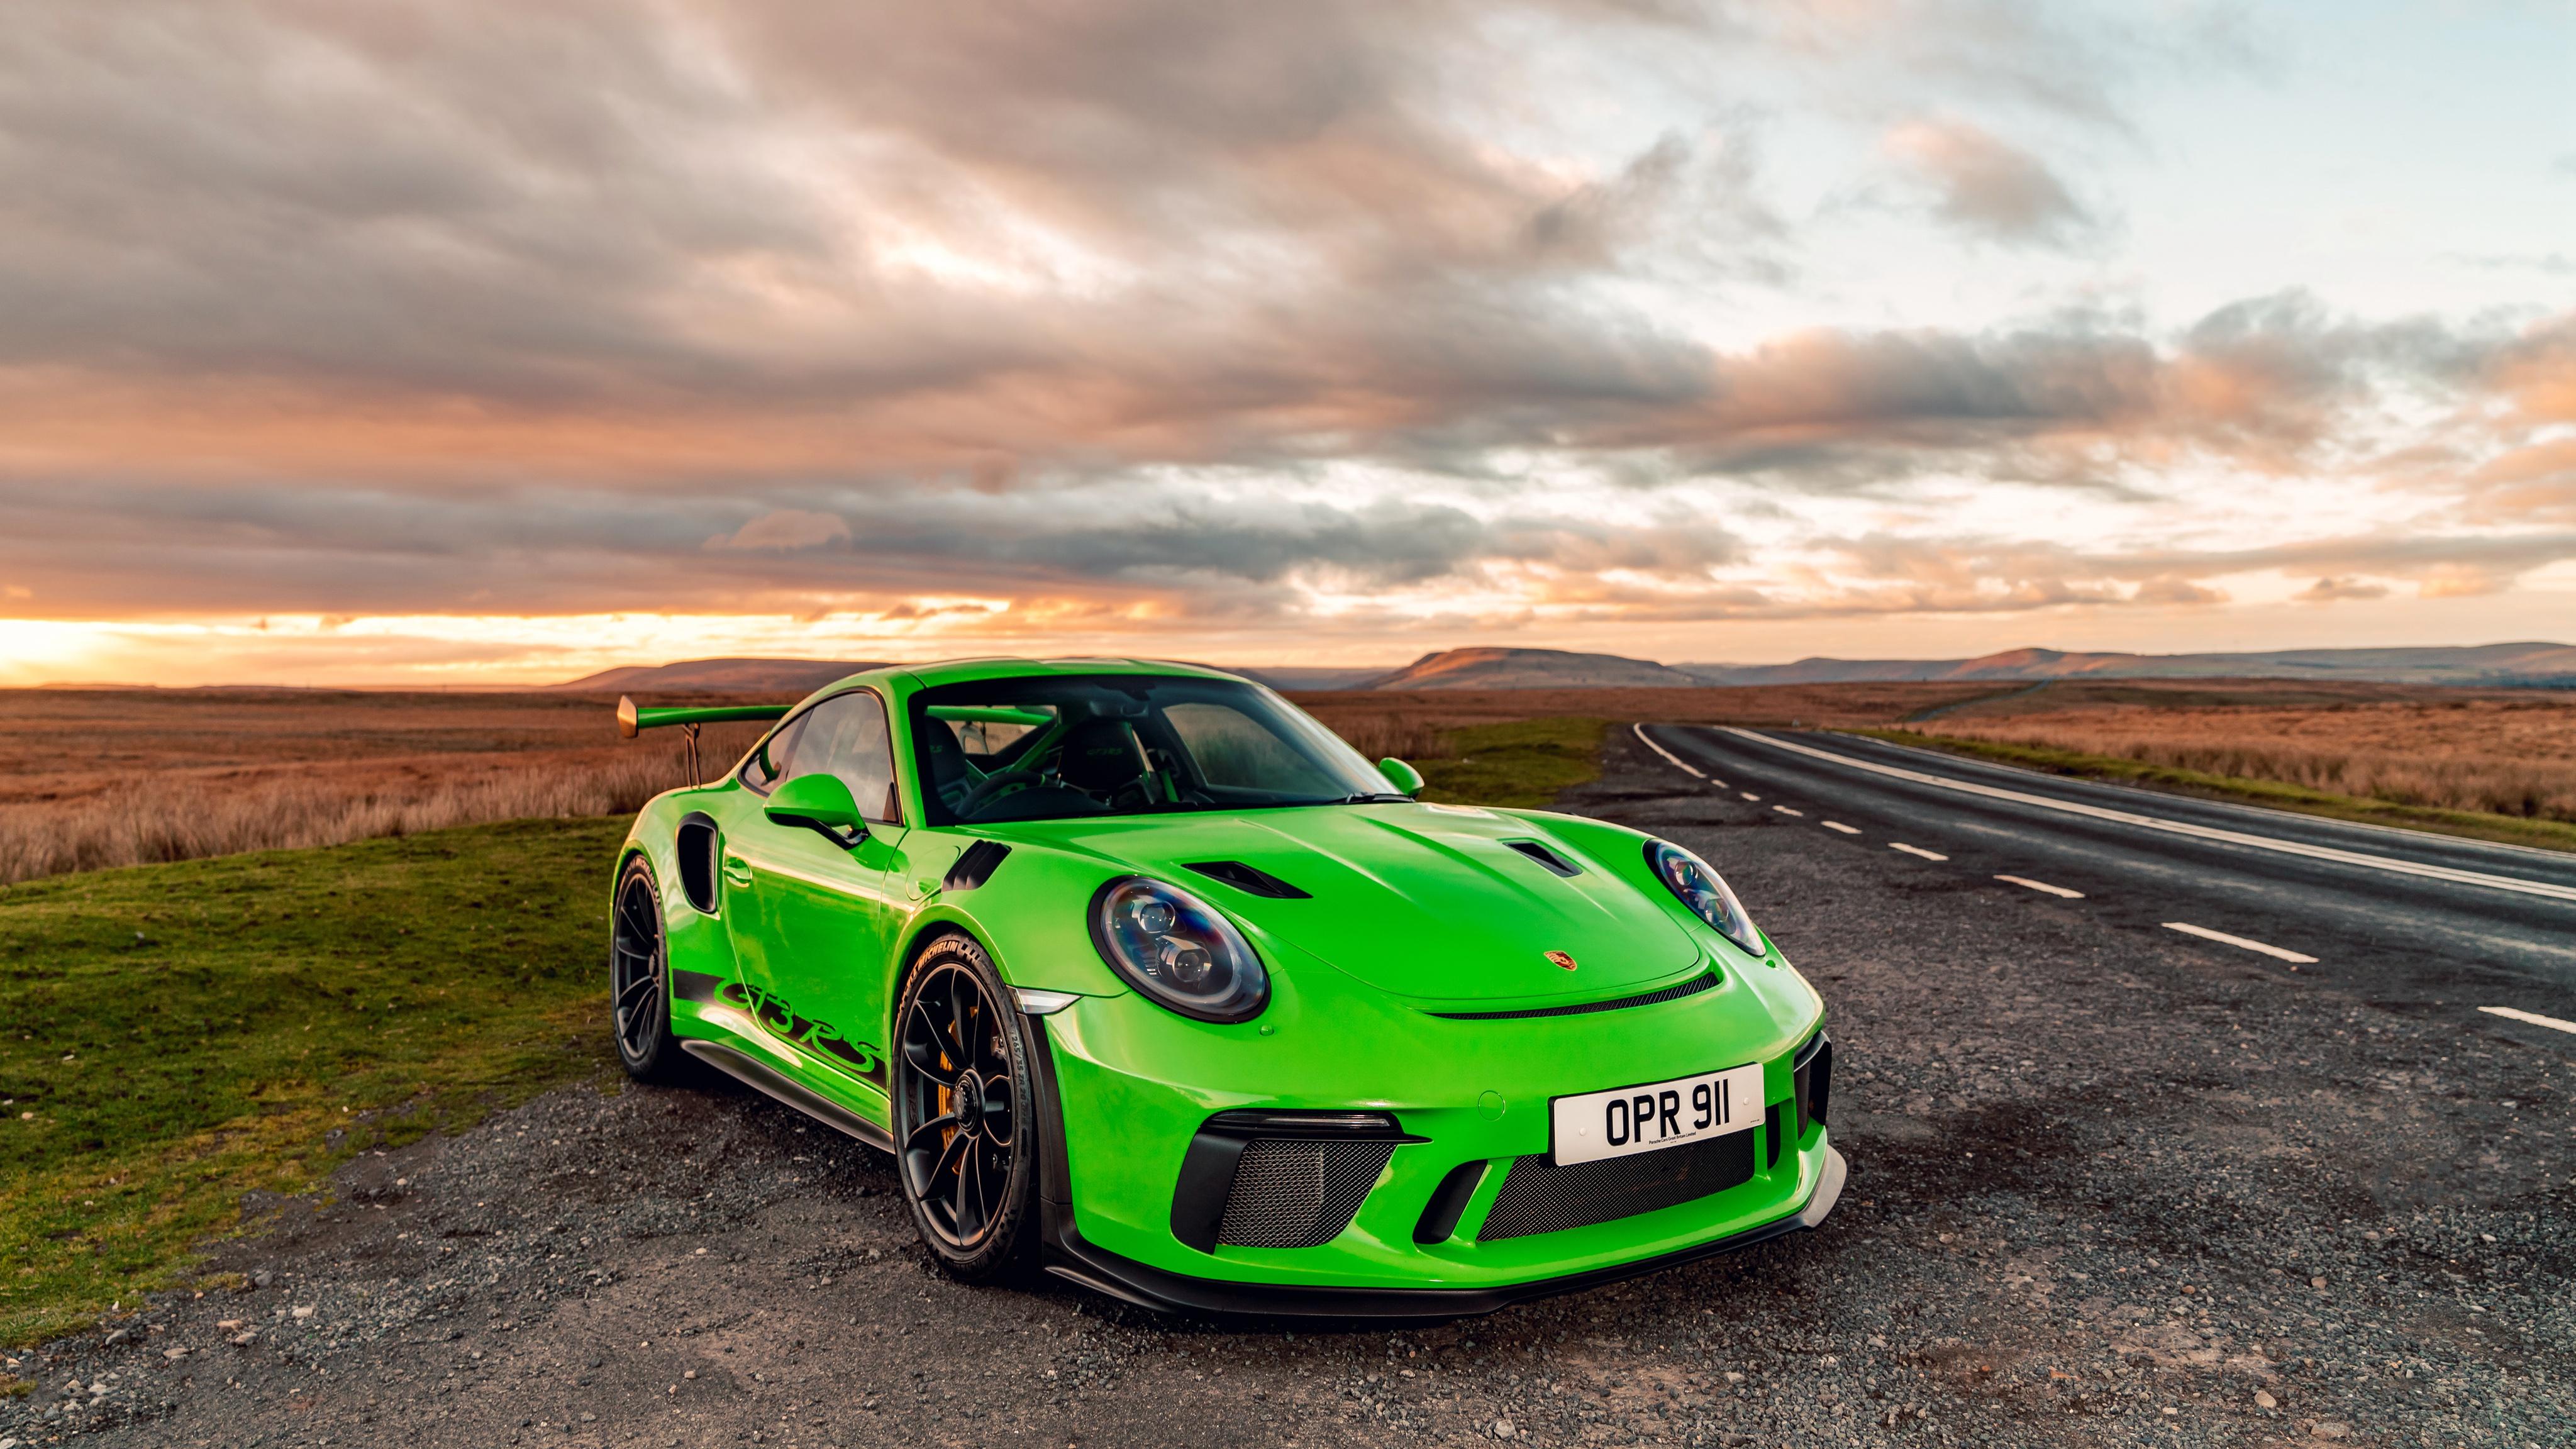 Sport Wallpaper Porsche 911: 1920x1080 Porsche 911 2018 GT3 RS Green Laptop Full HD